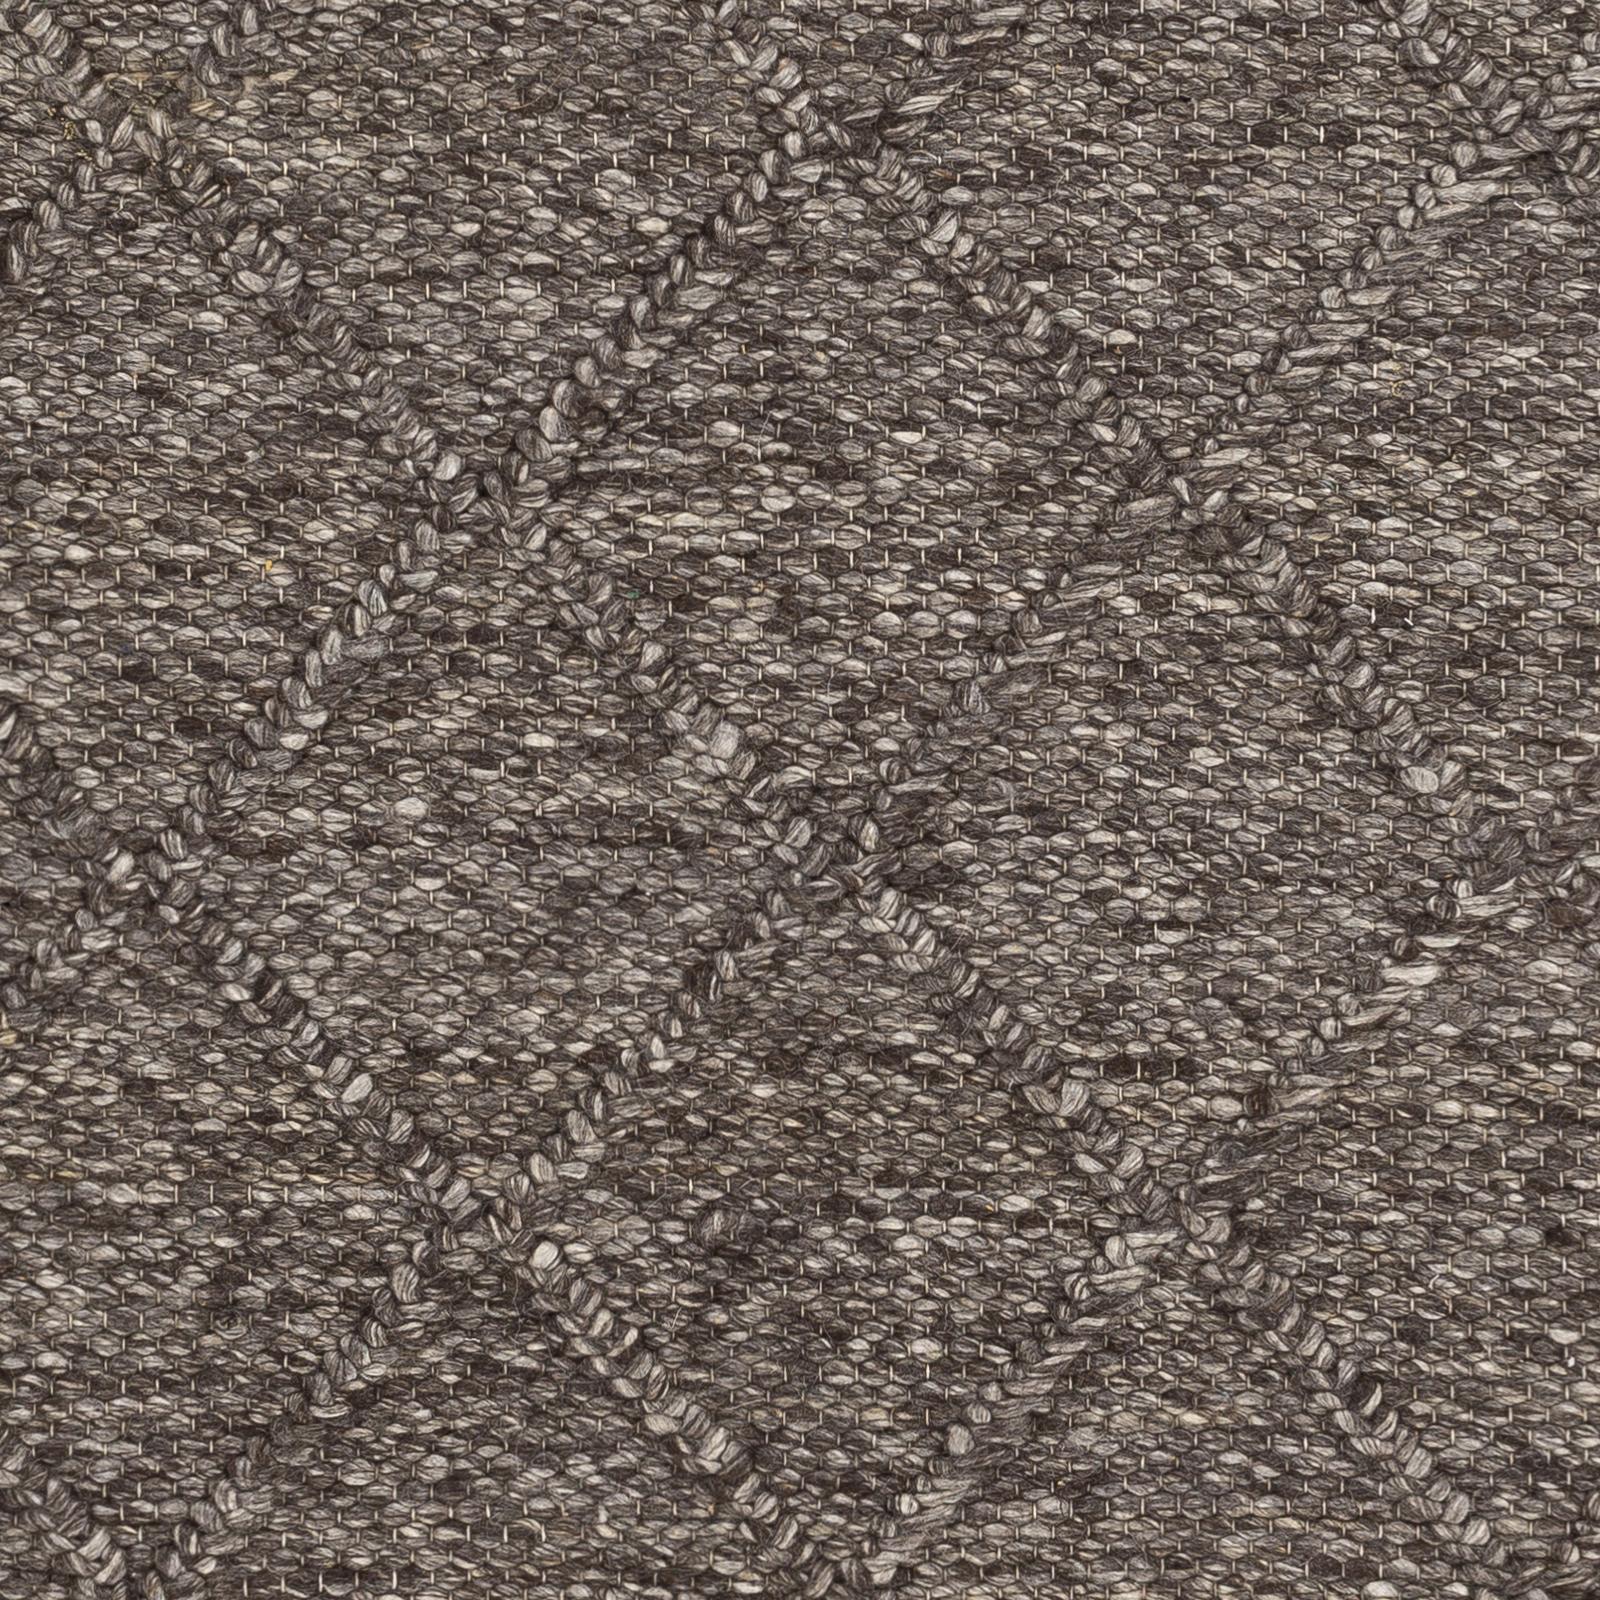 Napels - NPL-2301 - 2' x 3'